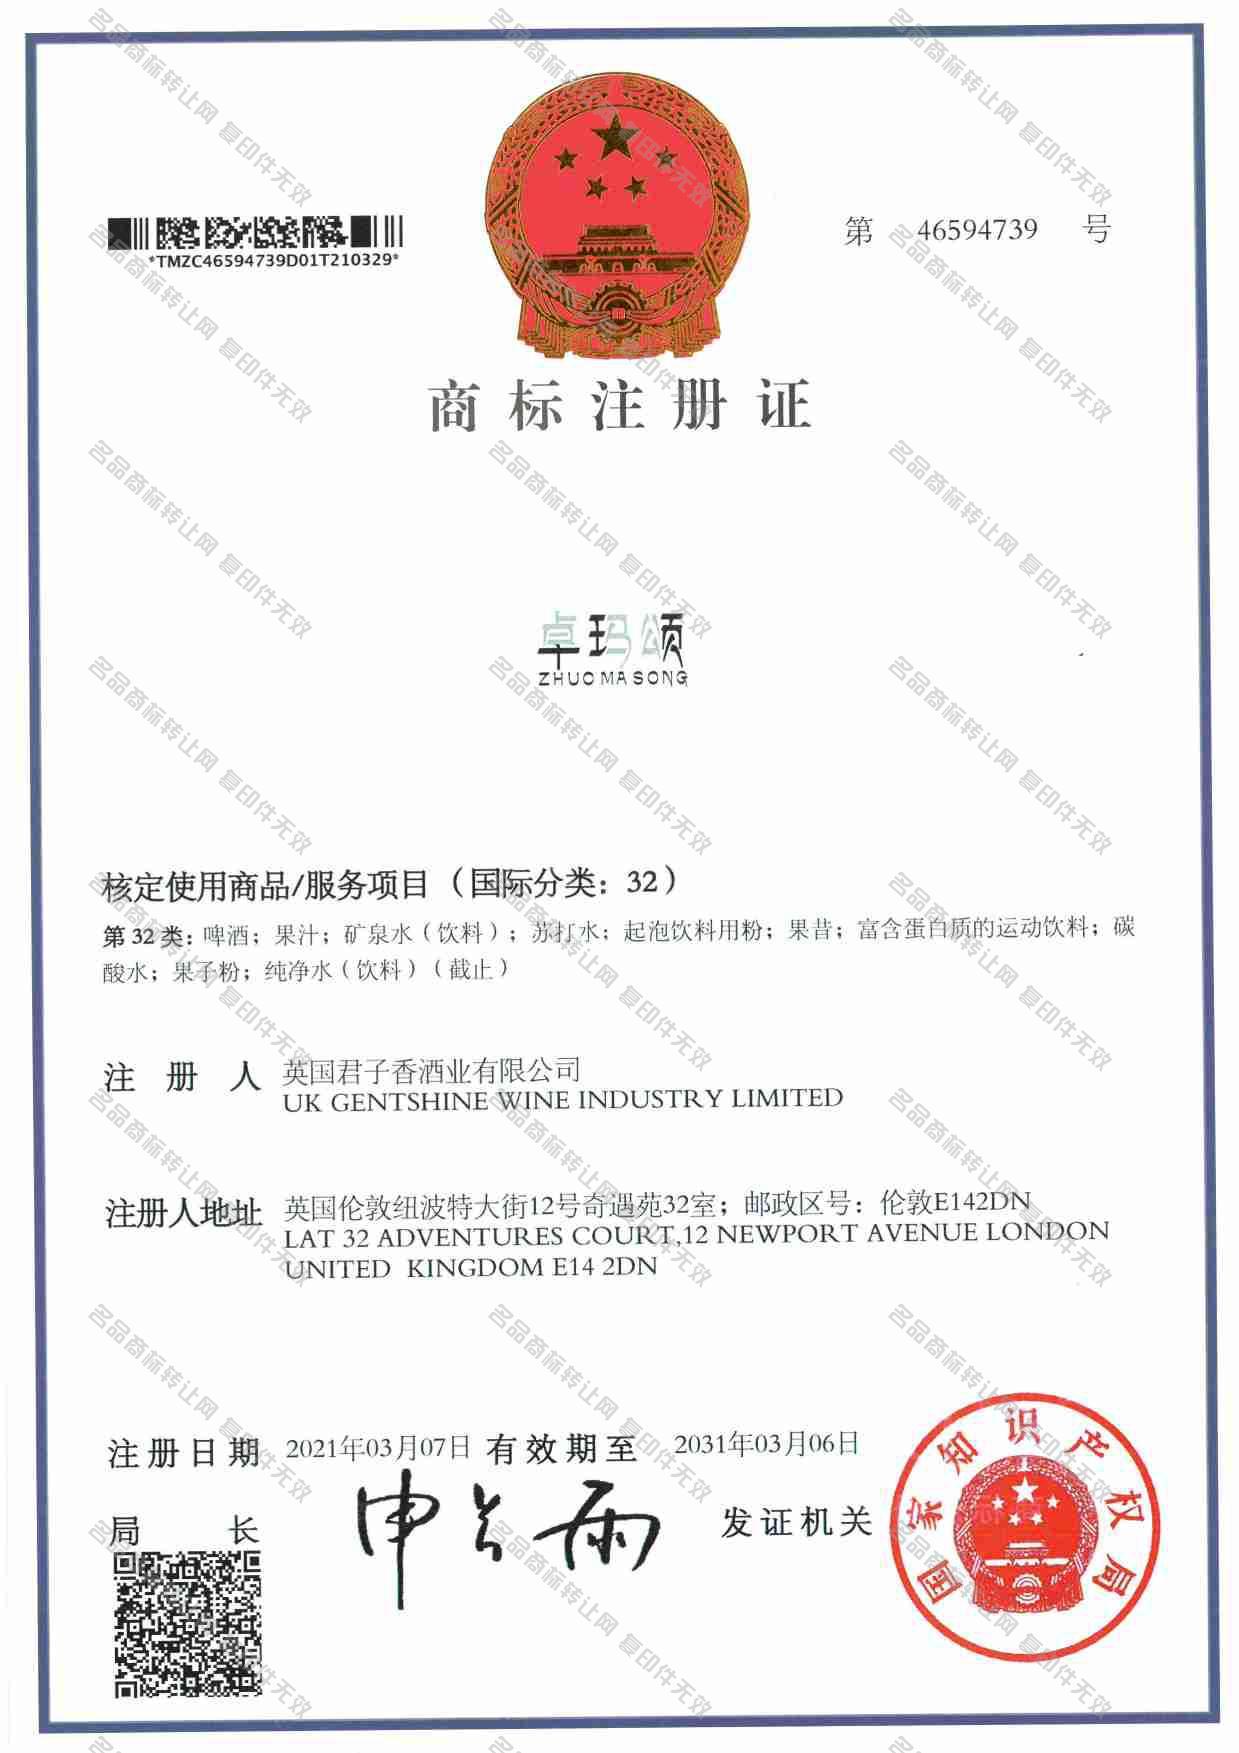 卓玛颂注册证